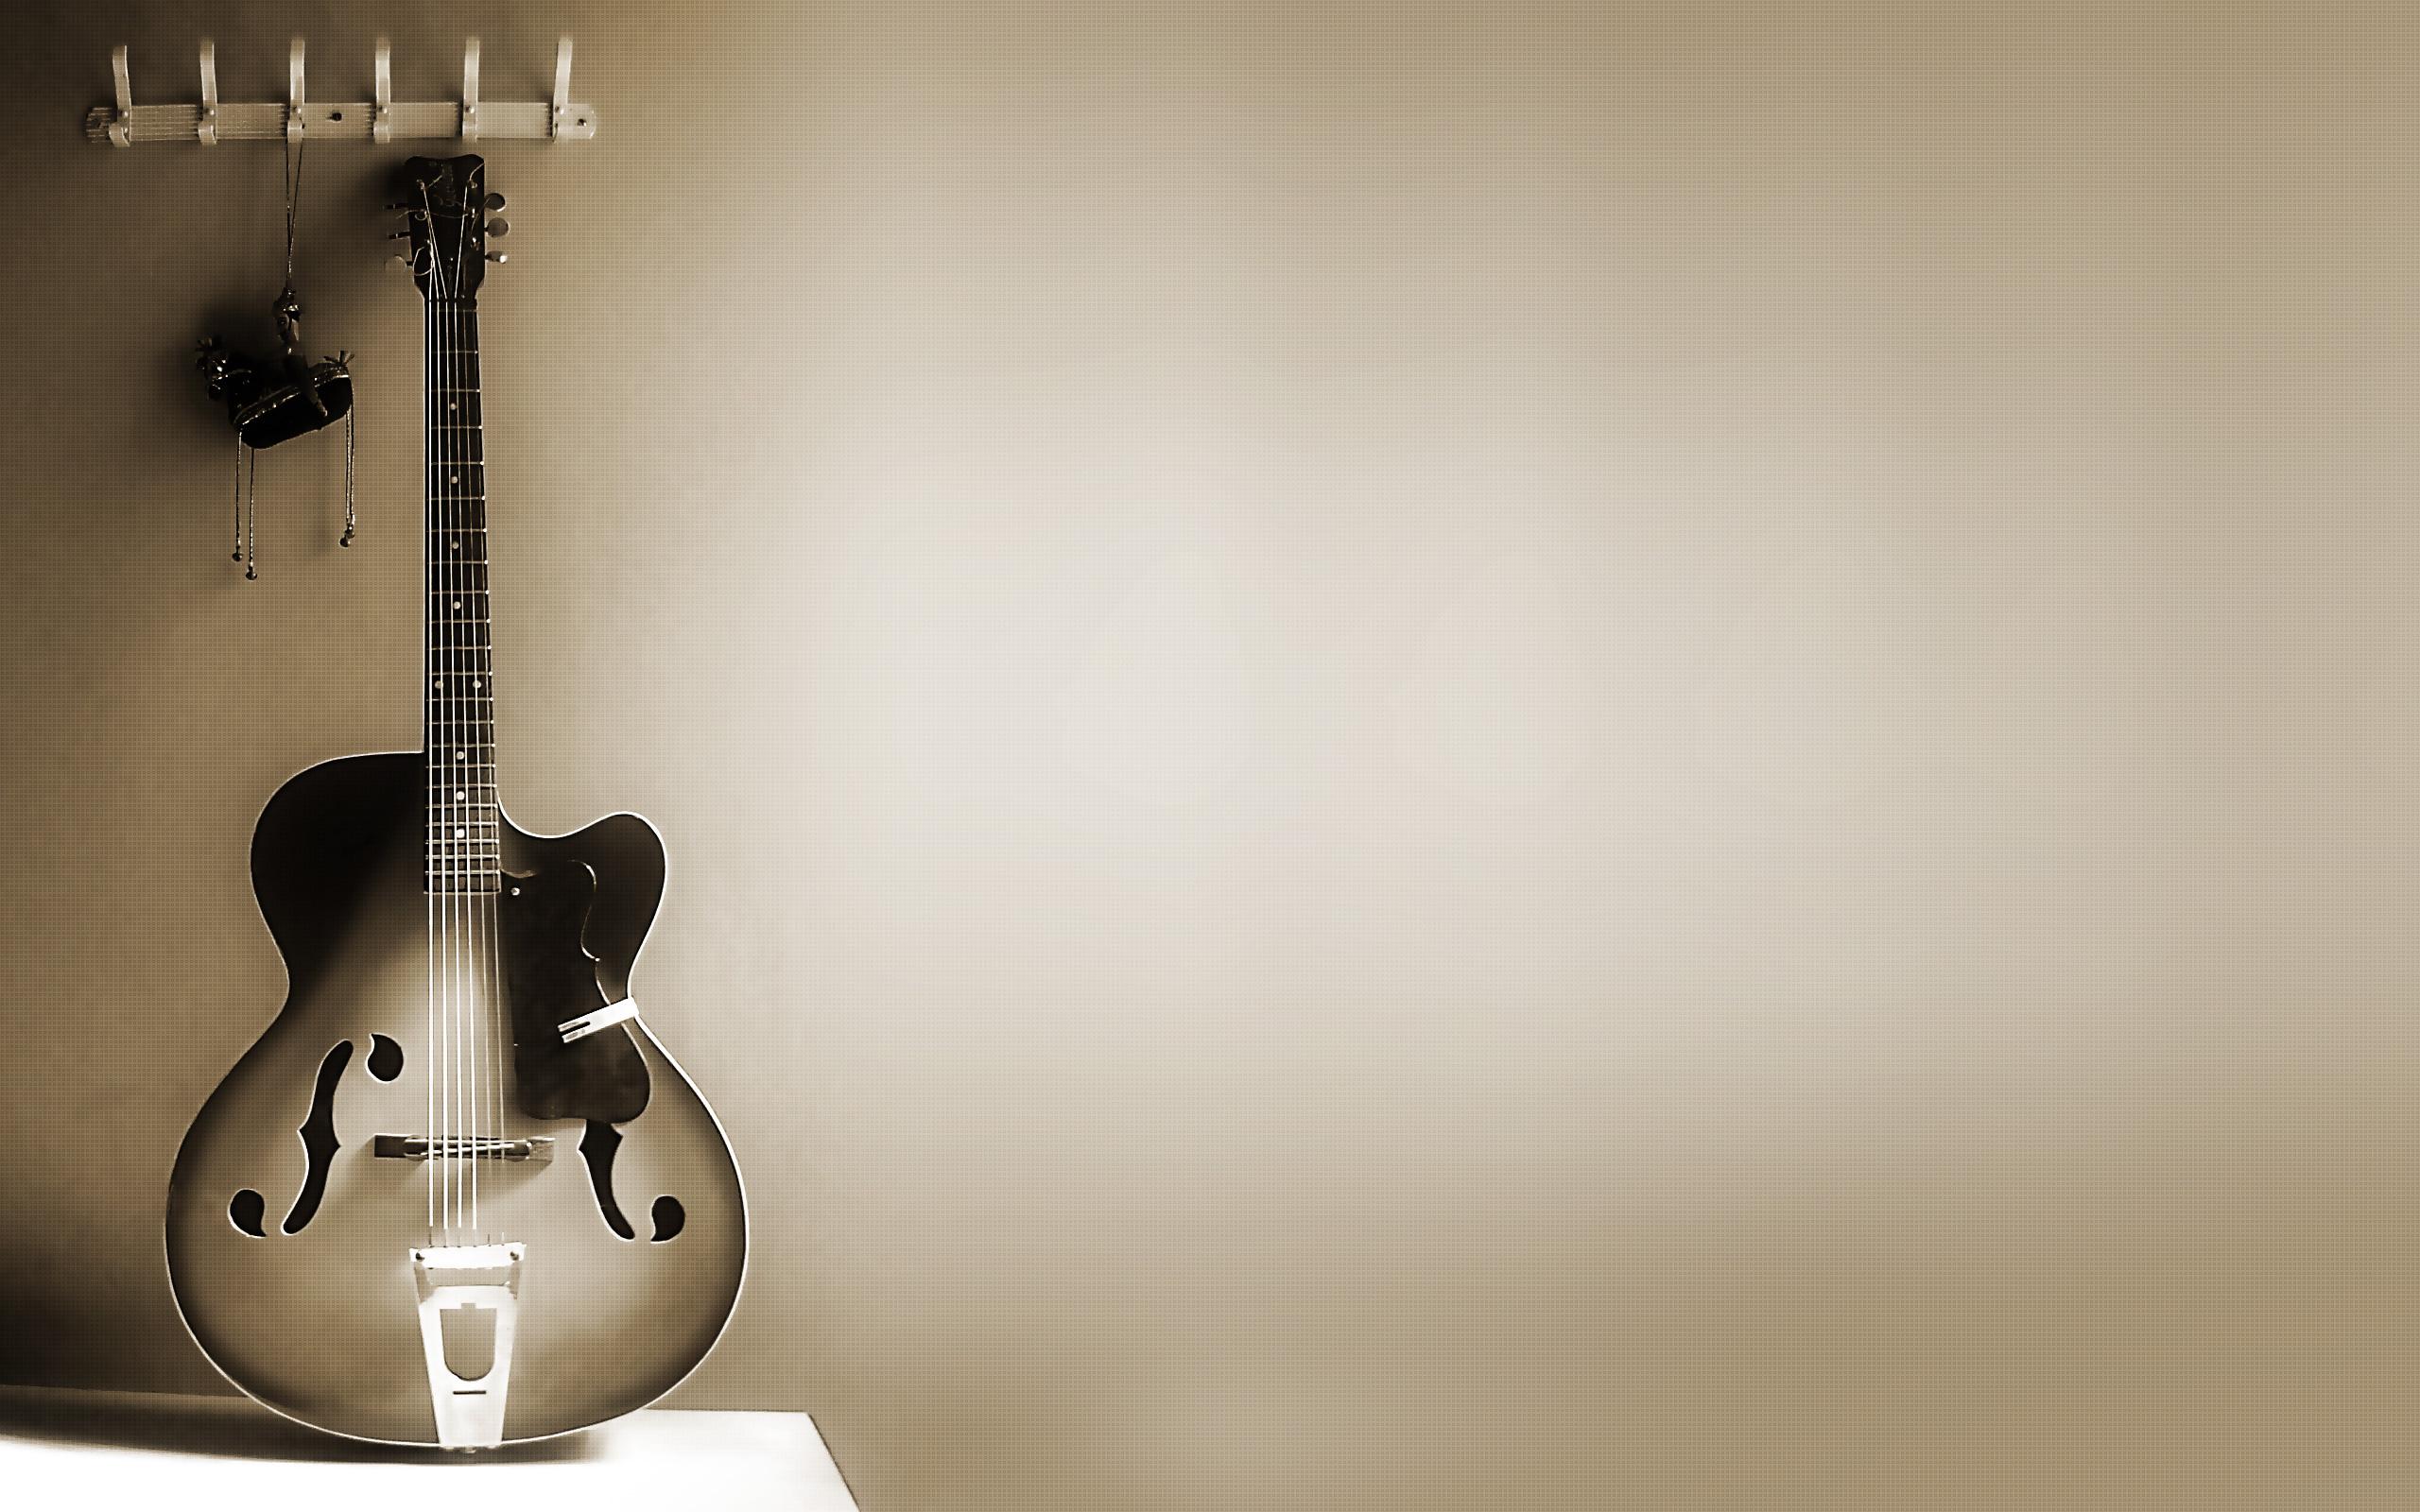 Iphone 6 Cute Shelf Wallpaper Guitar Sfondi Per Pc 2560x1600 Id 25007